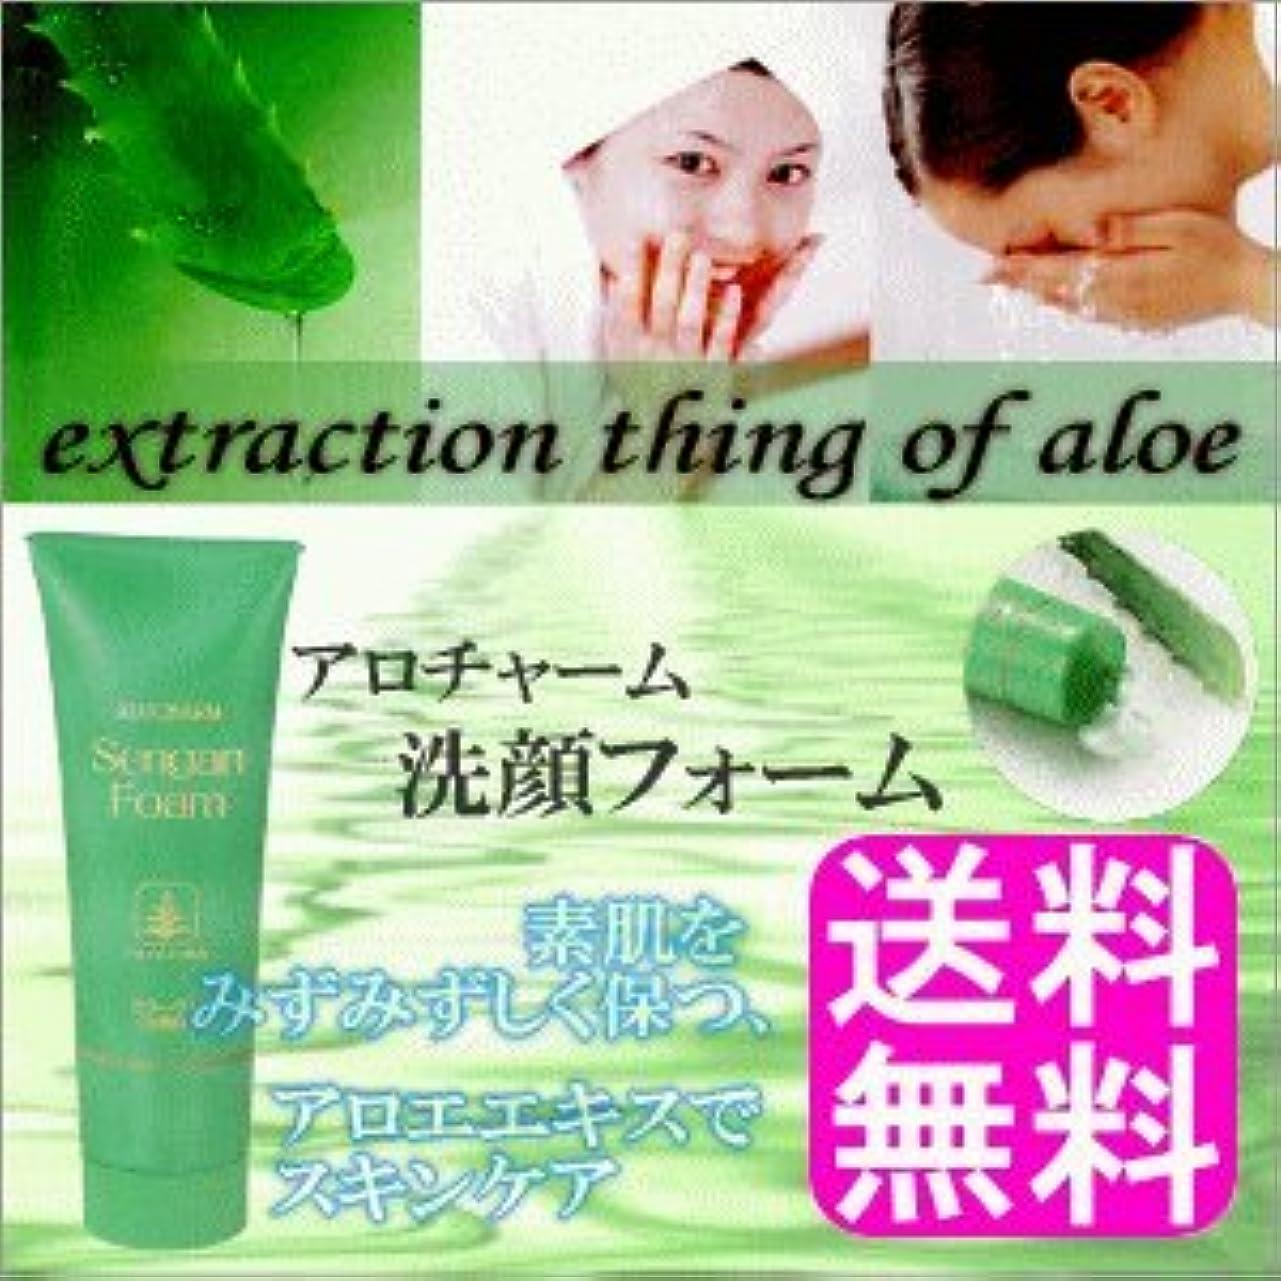 異議カブ収縮アロチャーム 洗顔フォーム